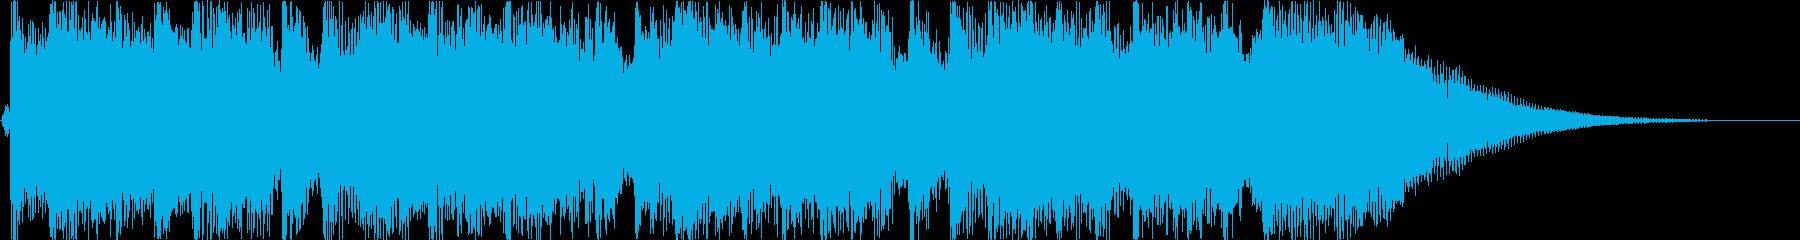 うきうきルンルンほのぼの楽しいジングルの再生済みの波形